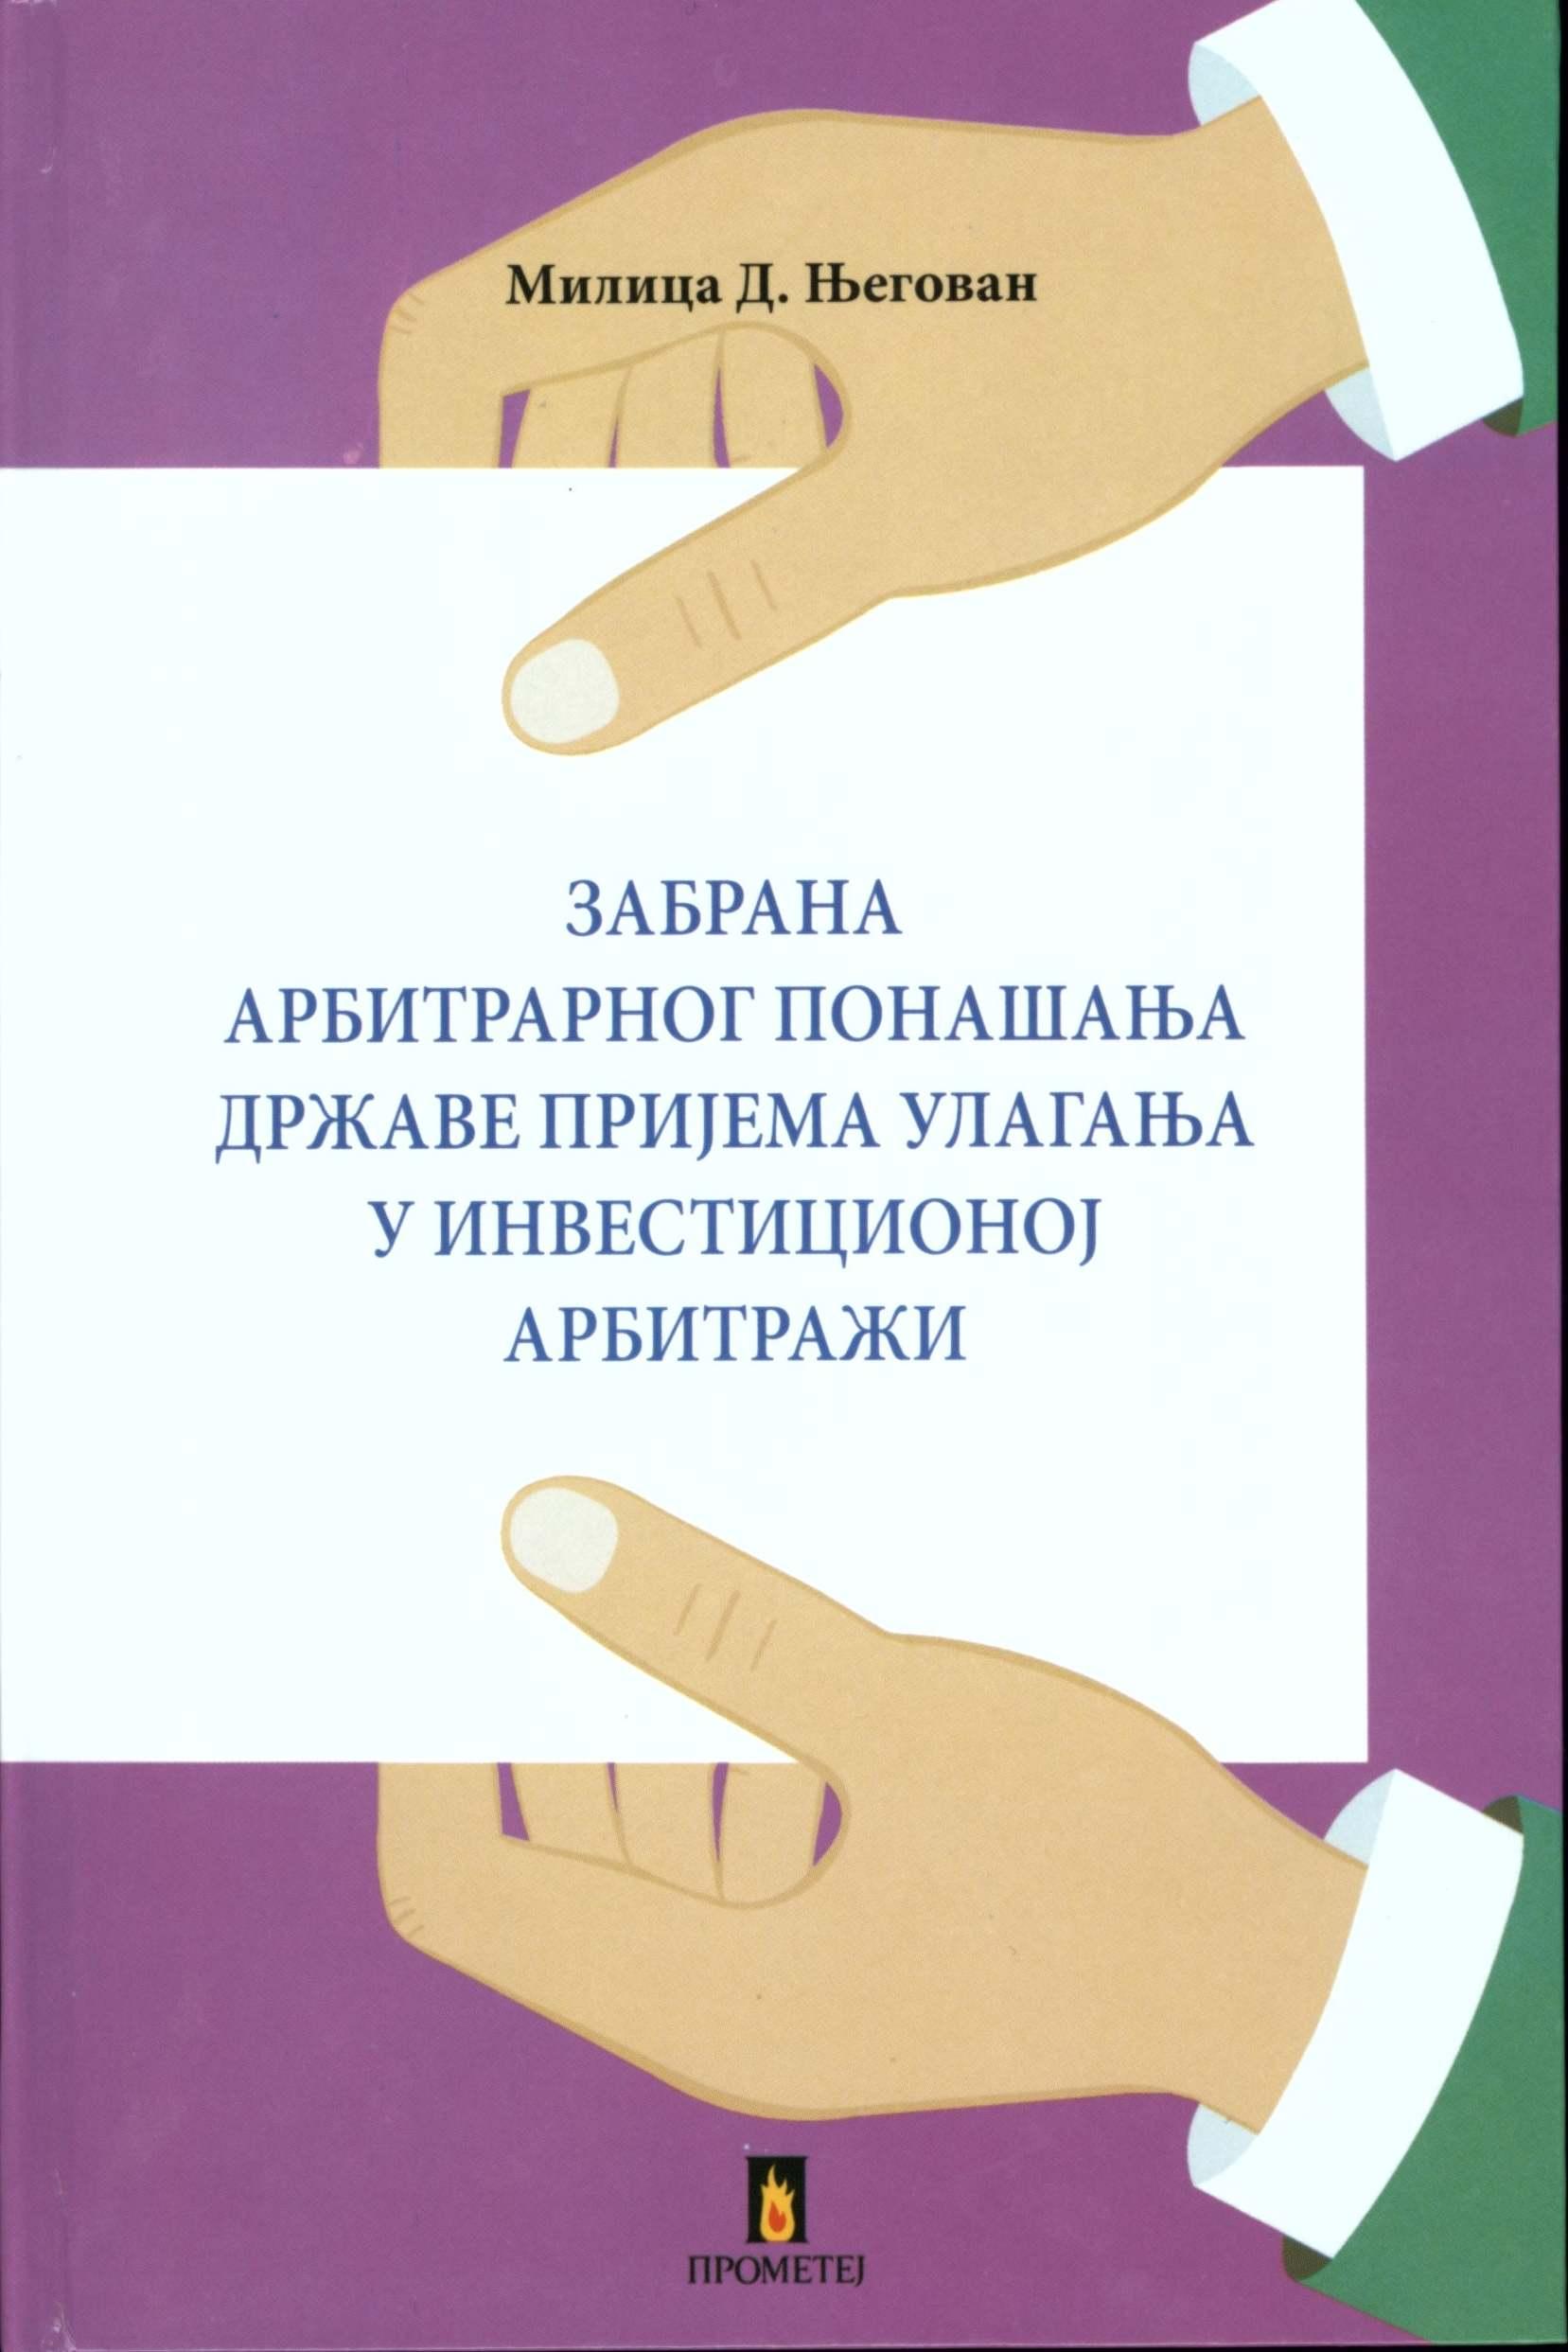 Забрана арбитрарног понашања у инвестиционој арбитражи